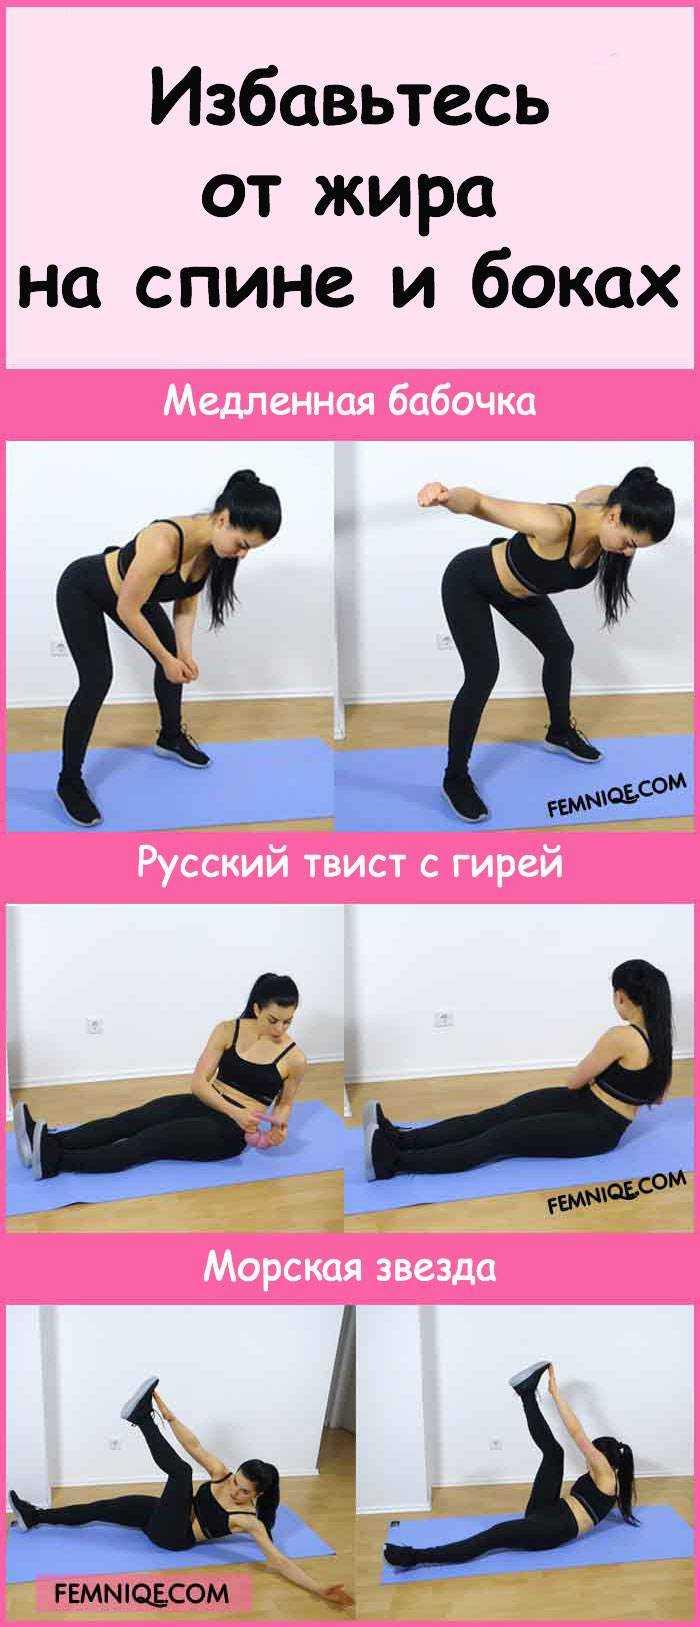 Это готовый комплекс из 10 эффективных упражнений от складок на боках и спине Эффективные низкоударные упражнения для избавления от проблемных зон